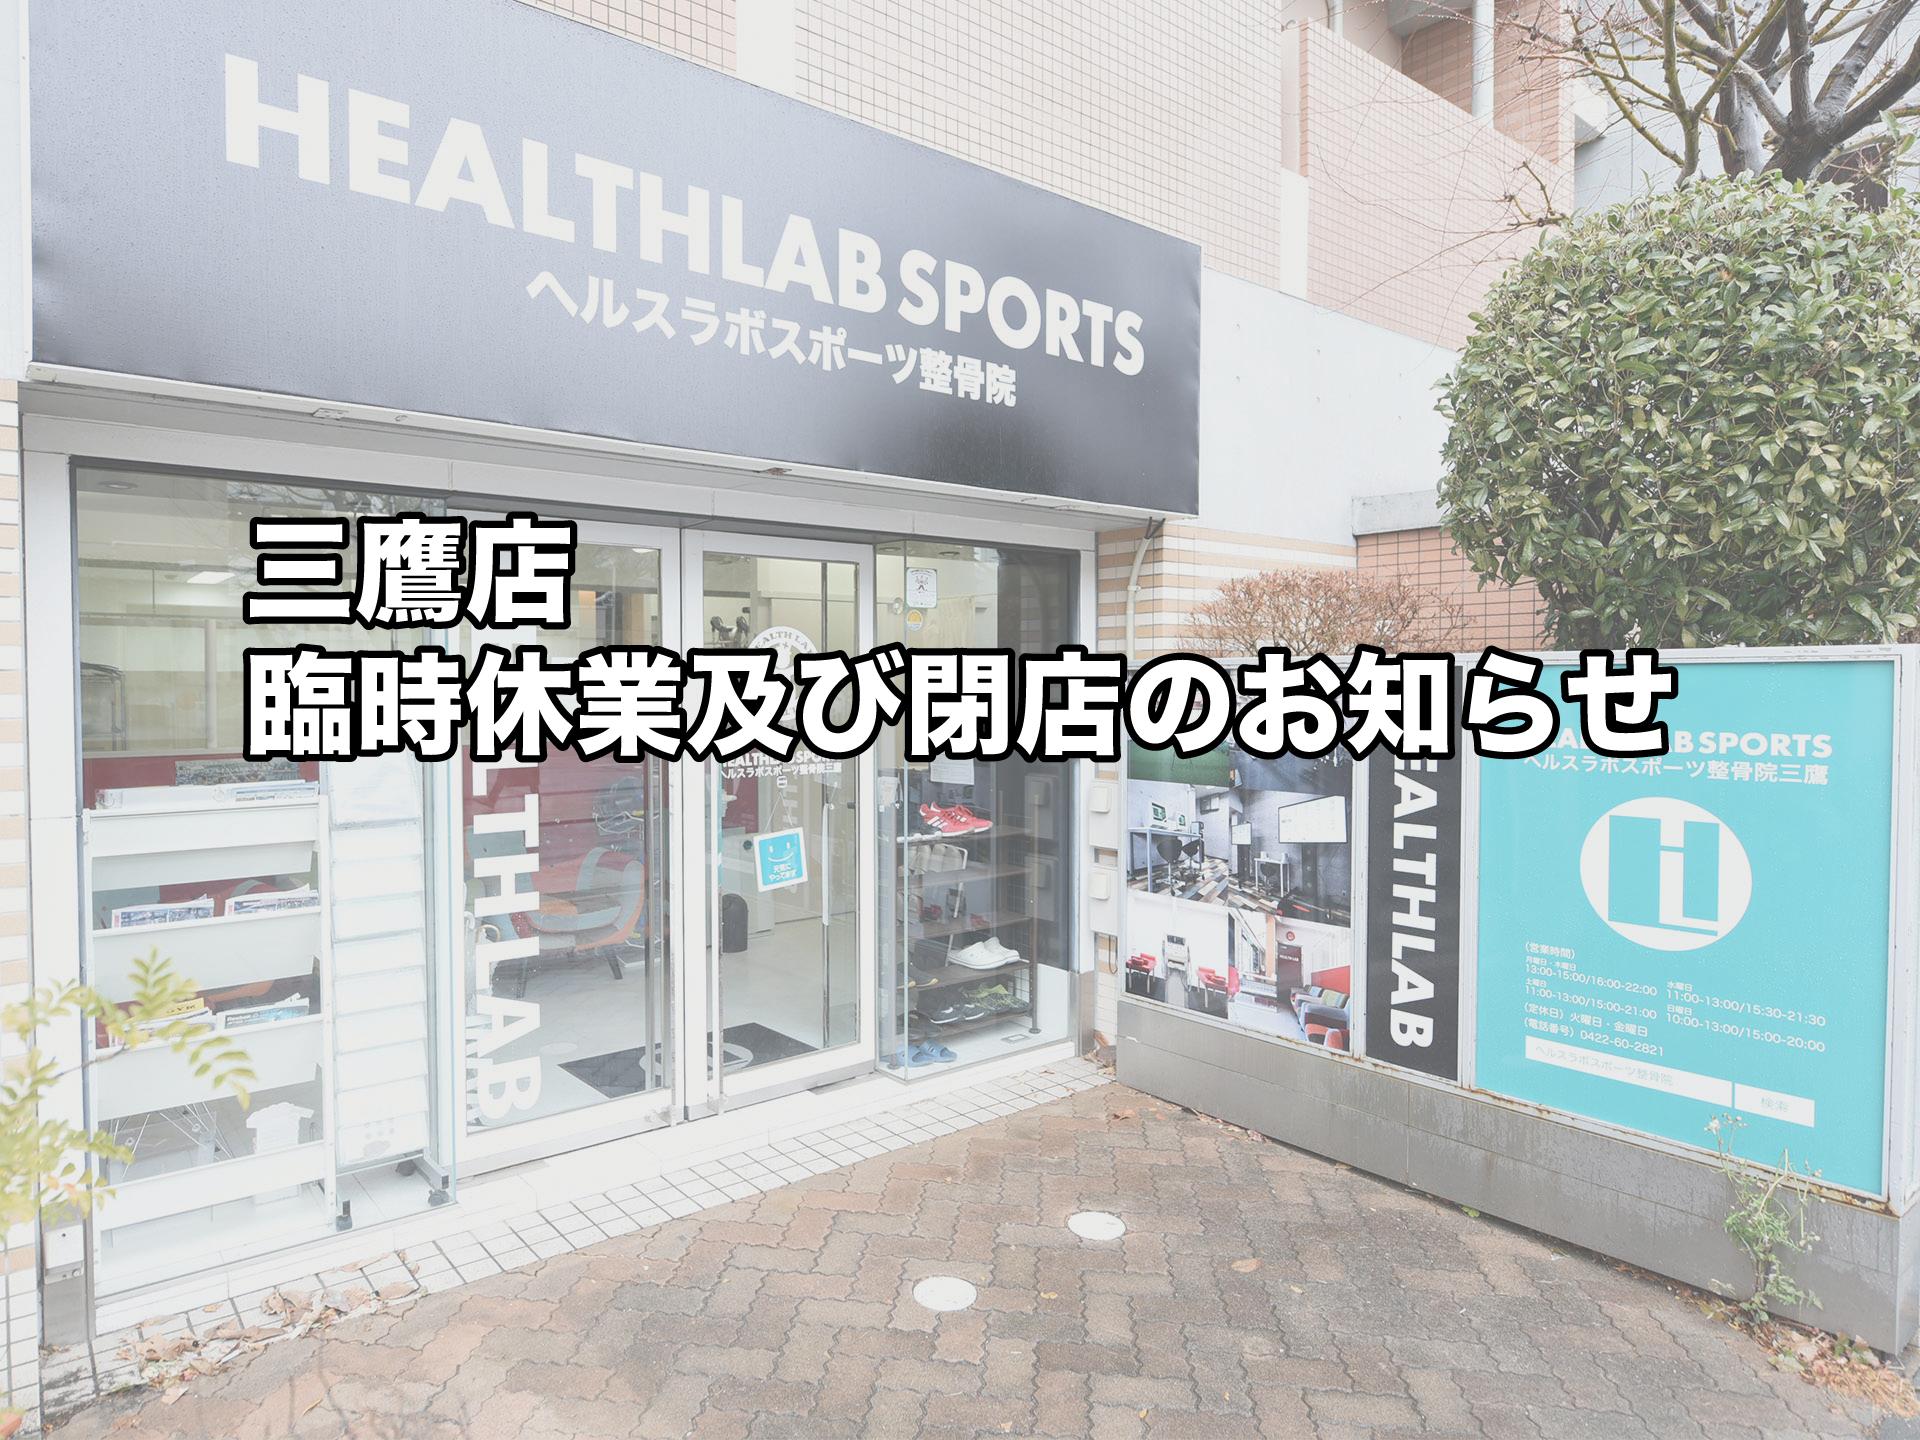 【三鷹】新型コロナウイルス感染拡大防止に伴う店舗臨時休業及び閉店のお知らせ